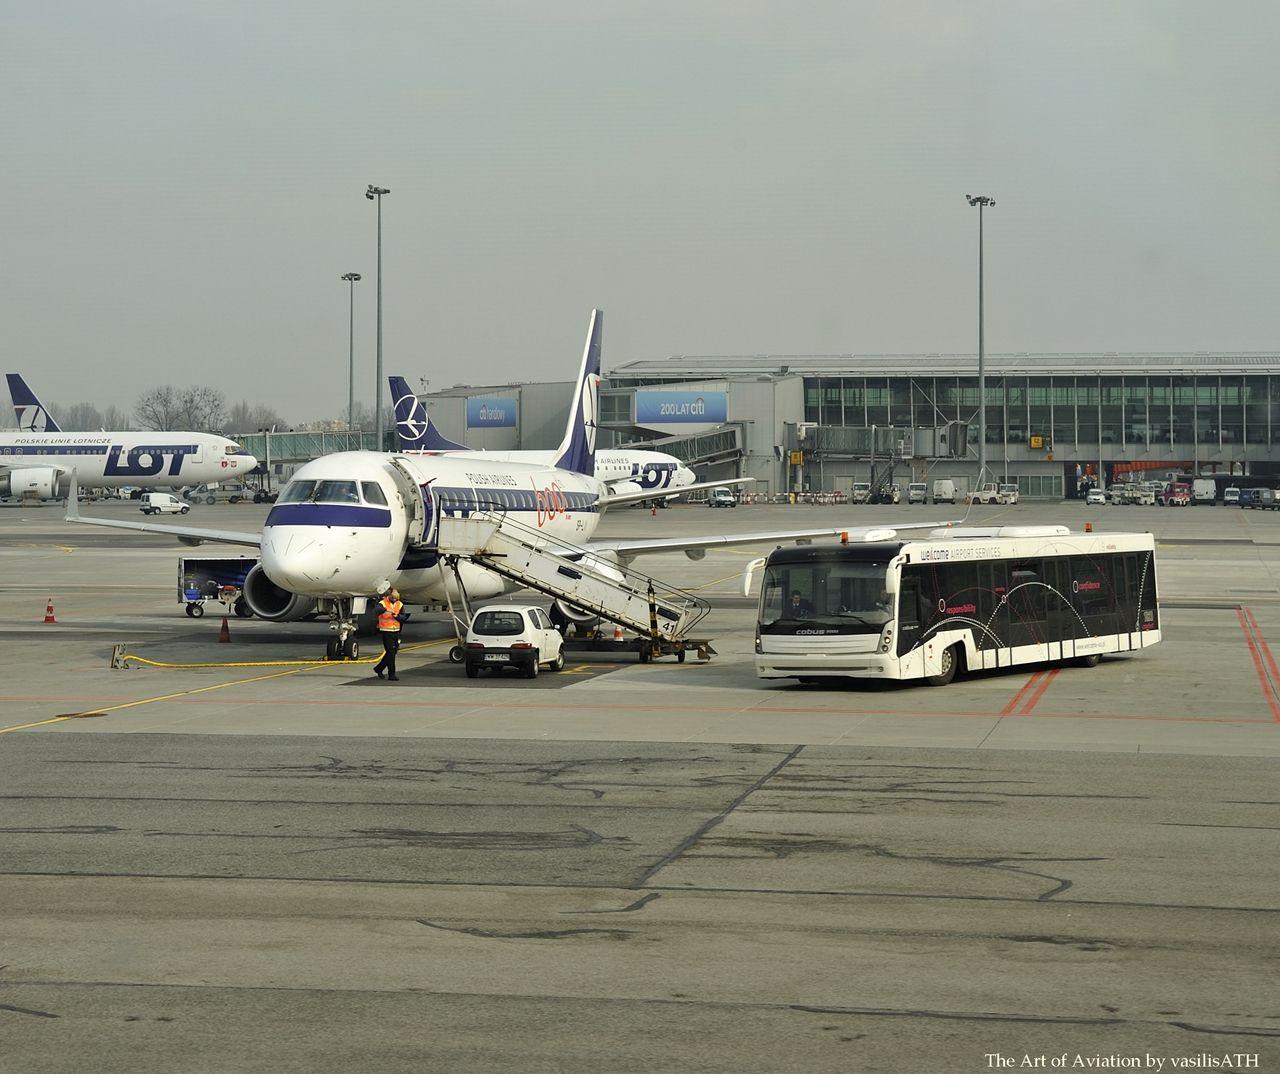 Aeroporto Waw : Warsaw chopin airport lotnisko chopina w warszawie iata: waw u2013 icao